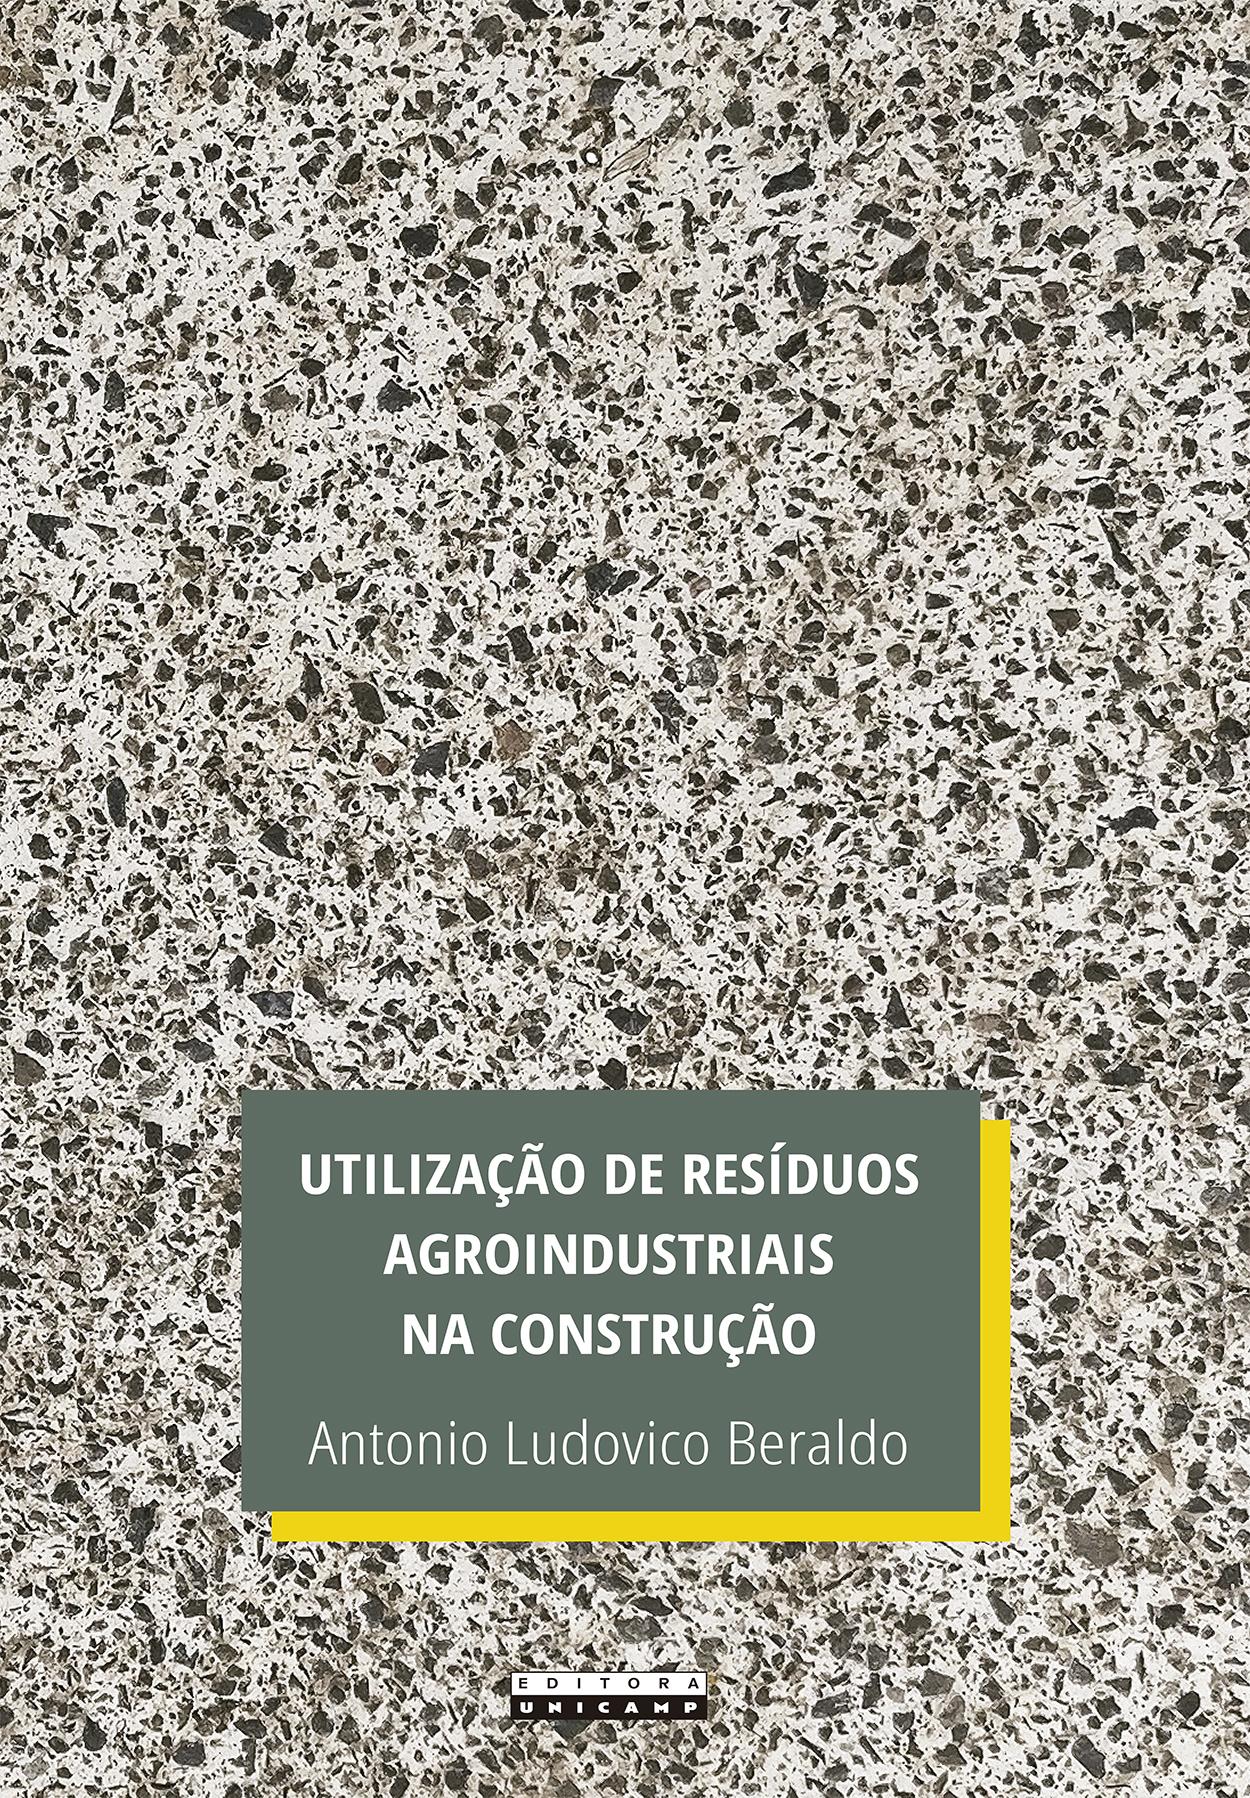 Utilização de resíduos agroindustriais na construção, livro de Antonio Ludovico Beraldo